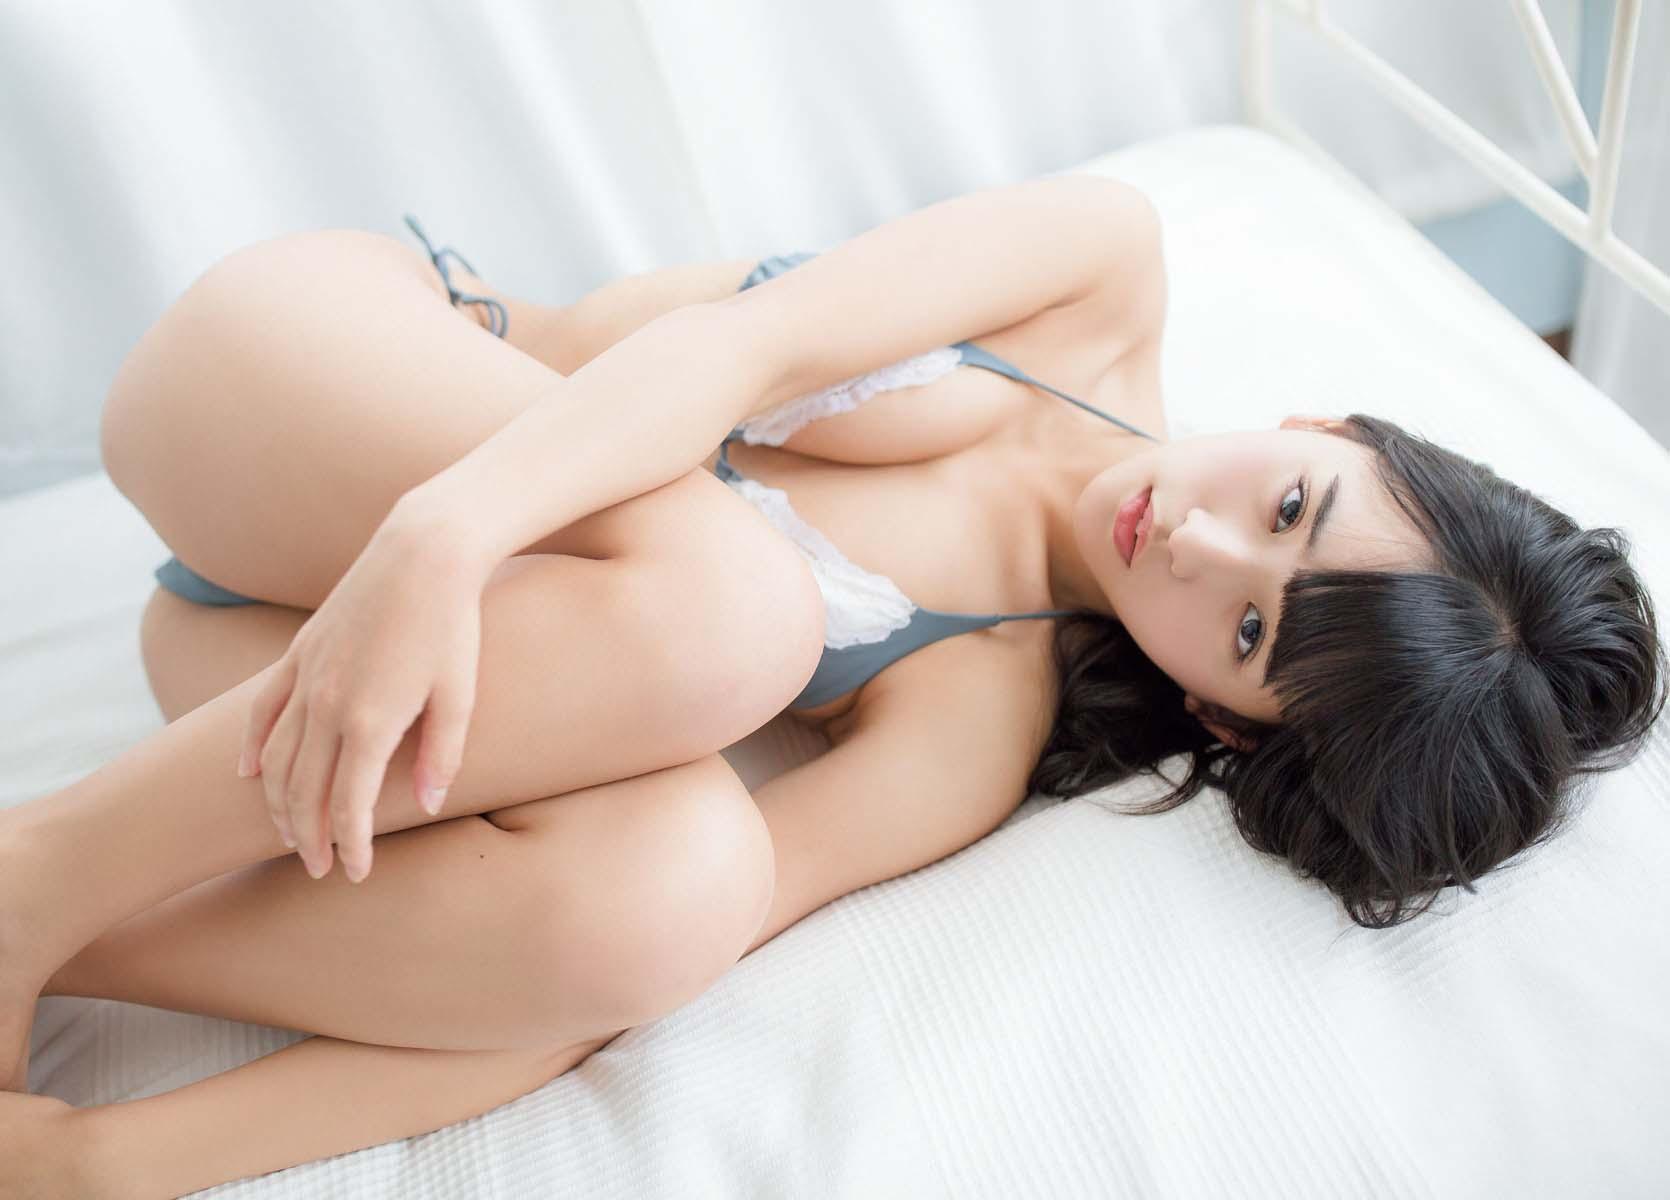 浅川梨奈 画像 157